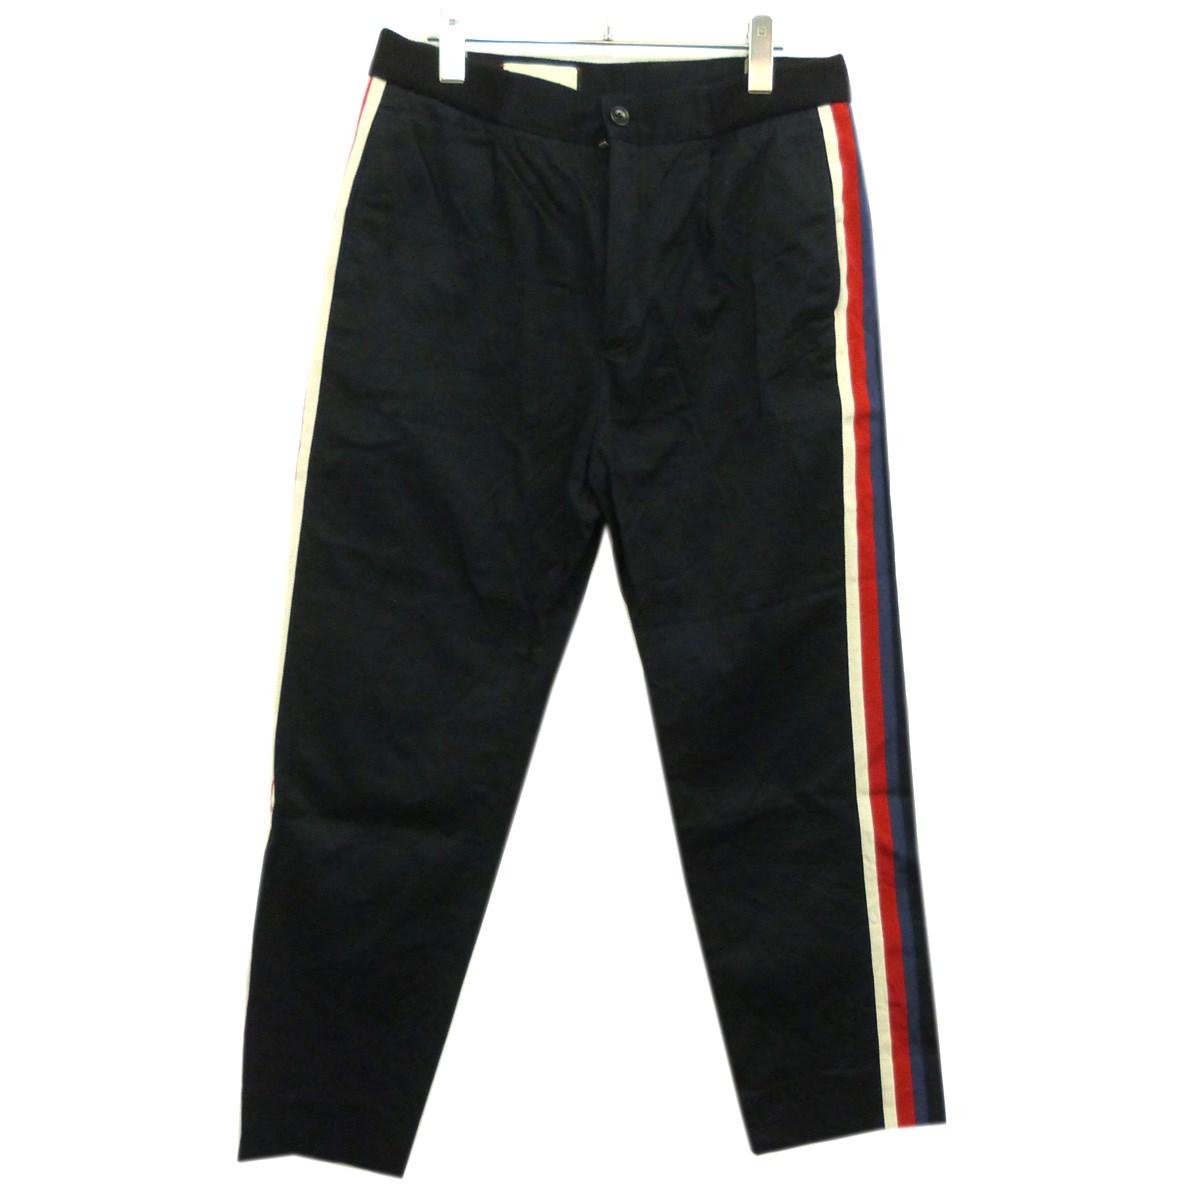 【12月2日 お値段見直しました】【中古】GUCCI17SSサイドラインタックパンツ ブラック サイズ:46